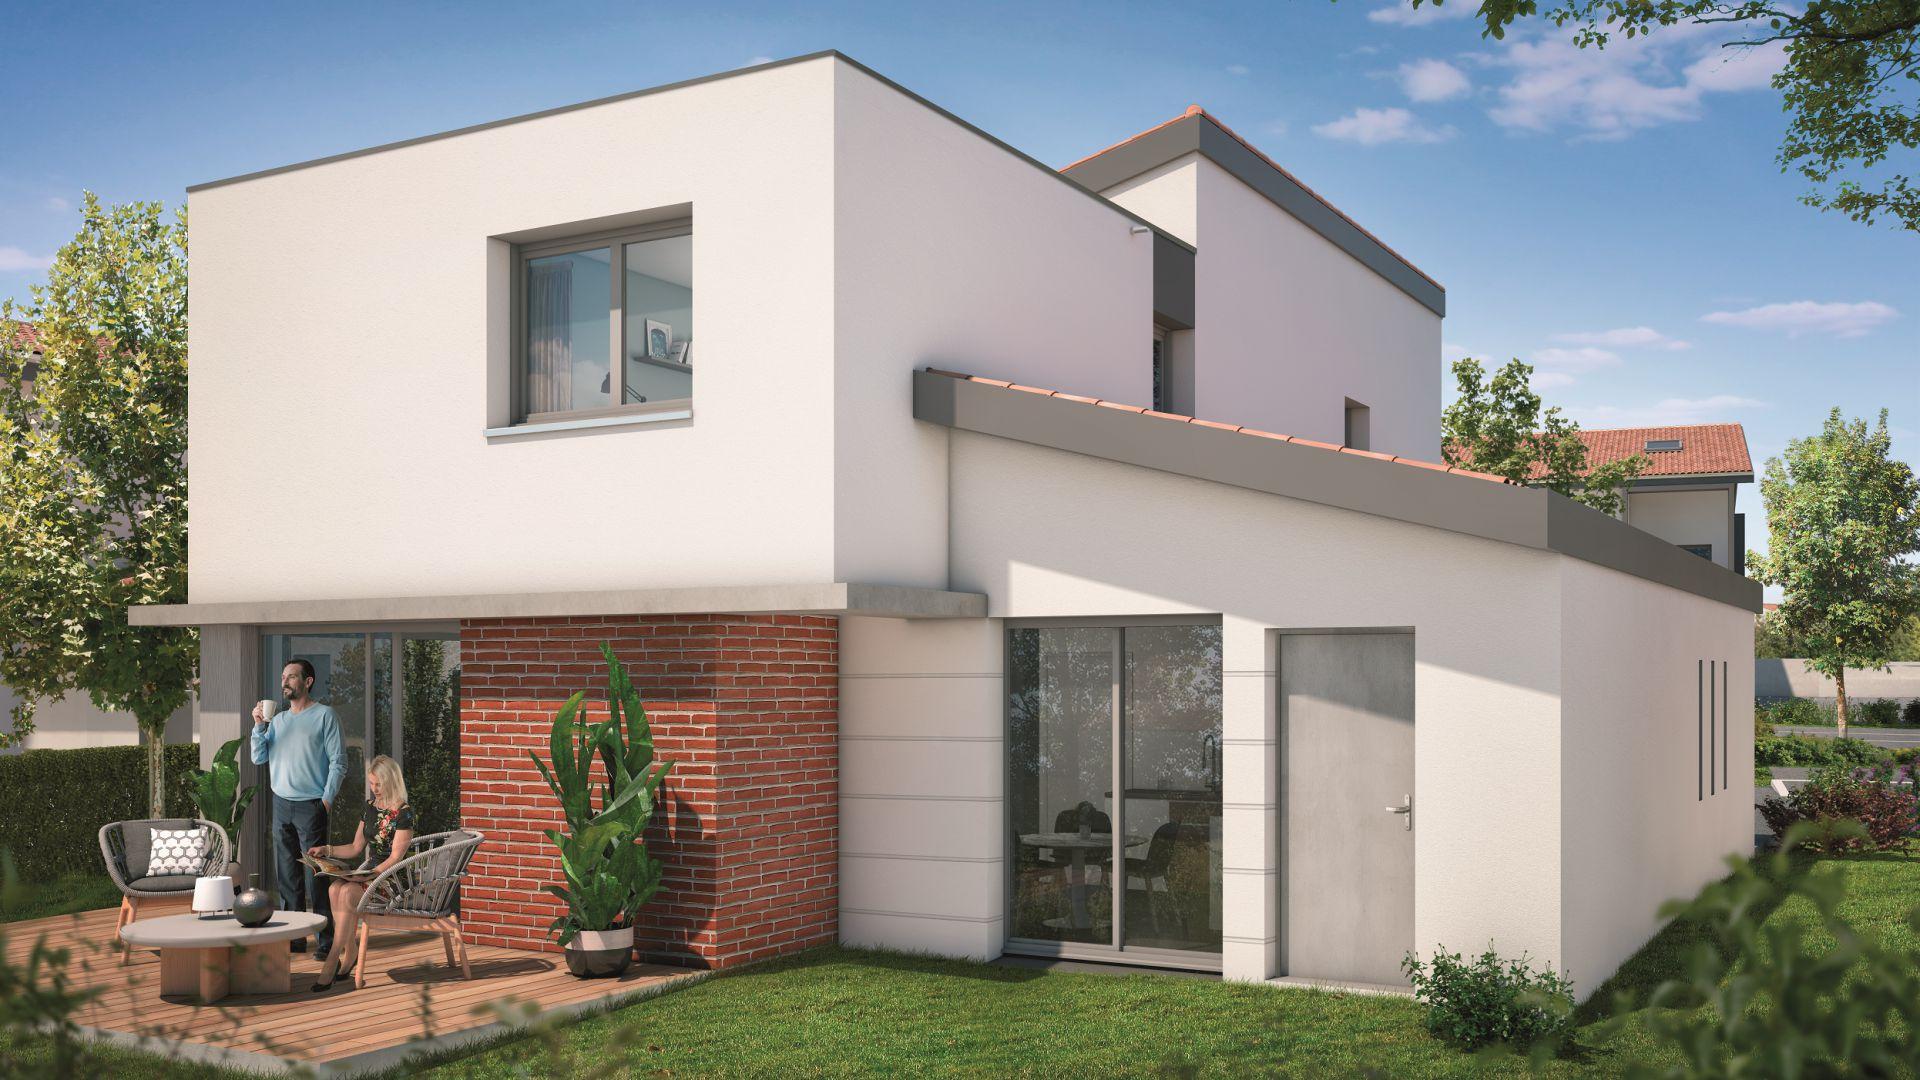 Greencity Immobilier - Villas Valéria - 31320 Auzeville - Villas 3 neuves T6 - appartements neufs T2-T3